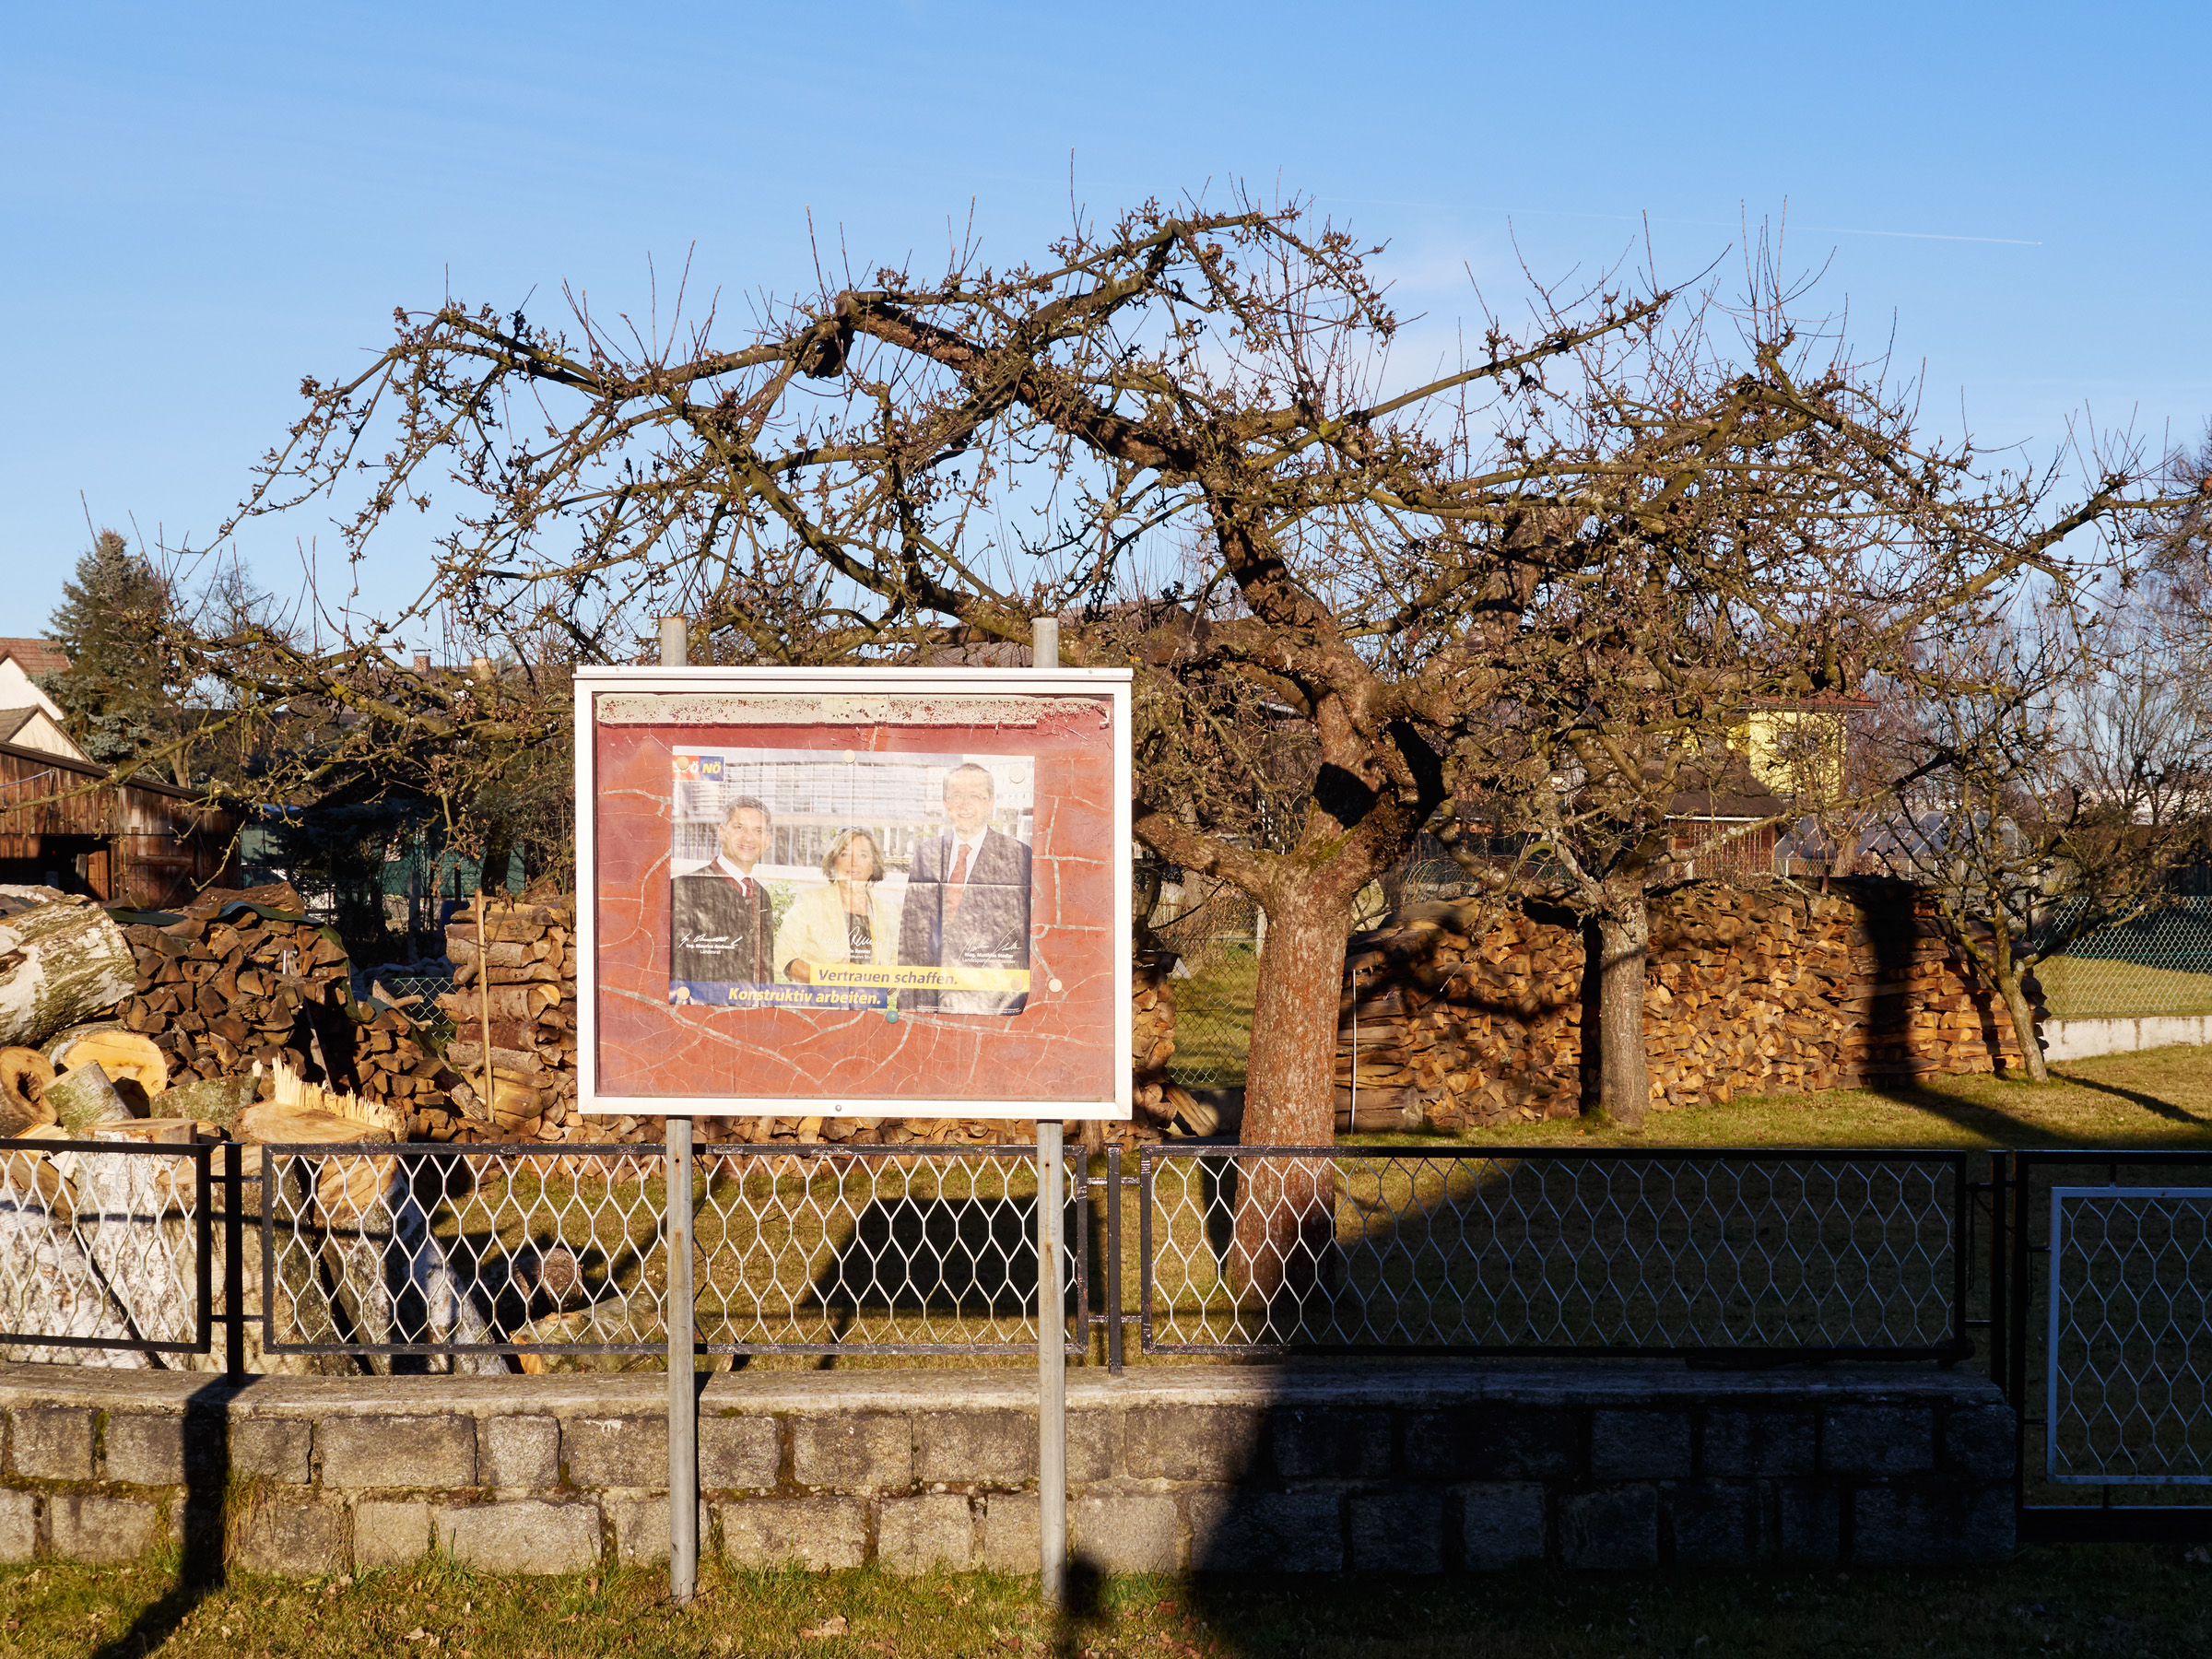 Kottinghörmanns weit 2013-12-16.jpg